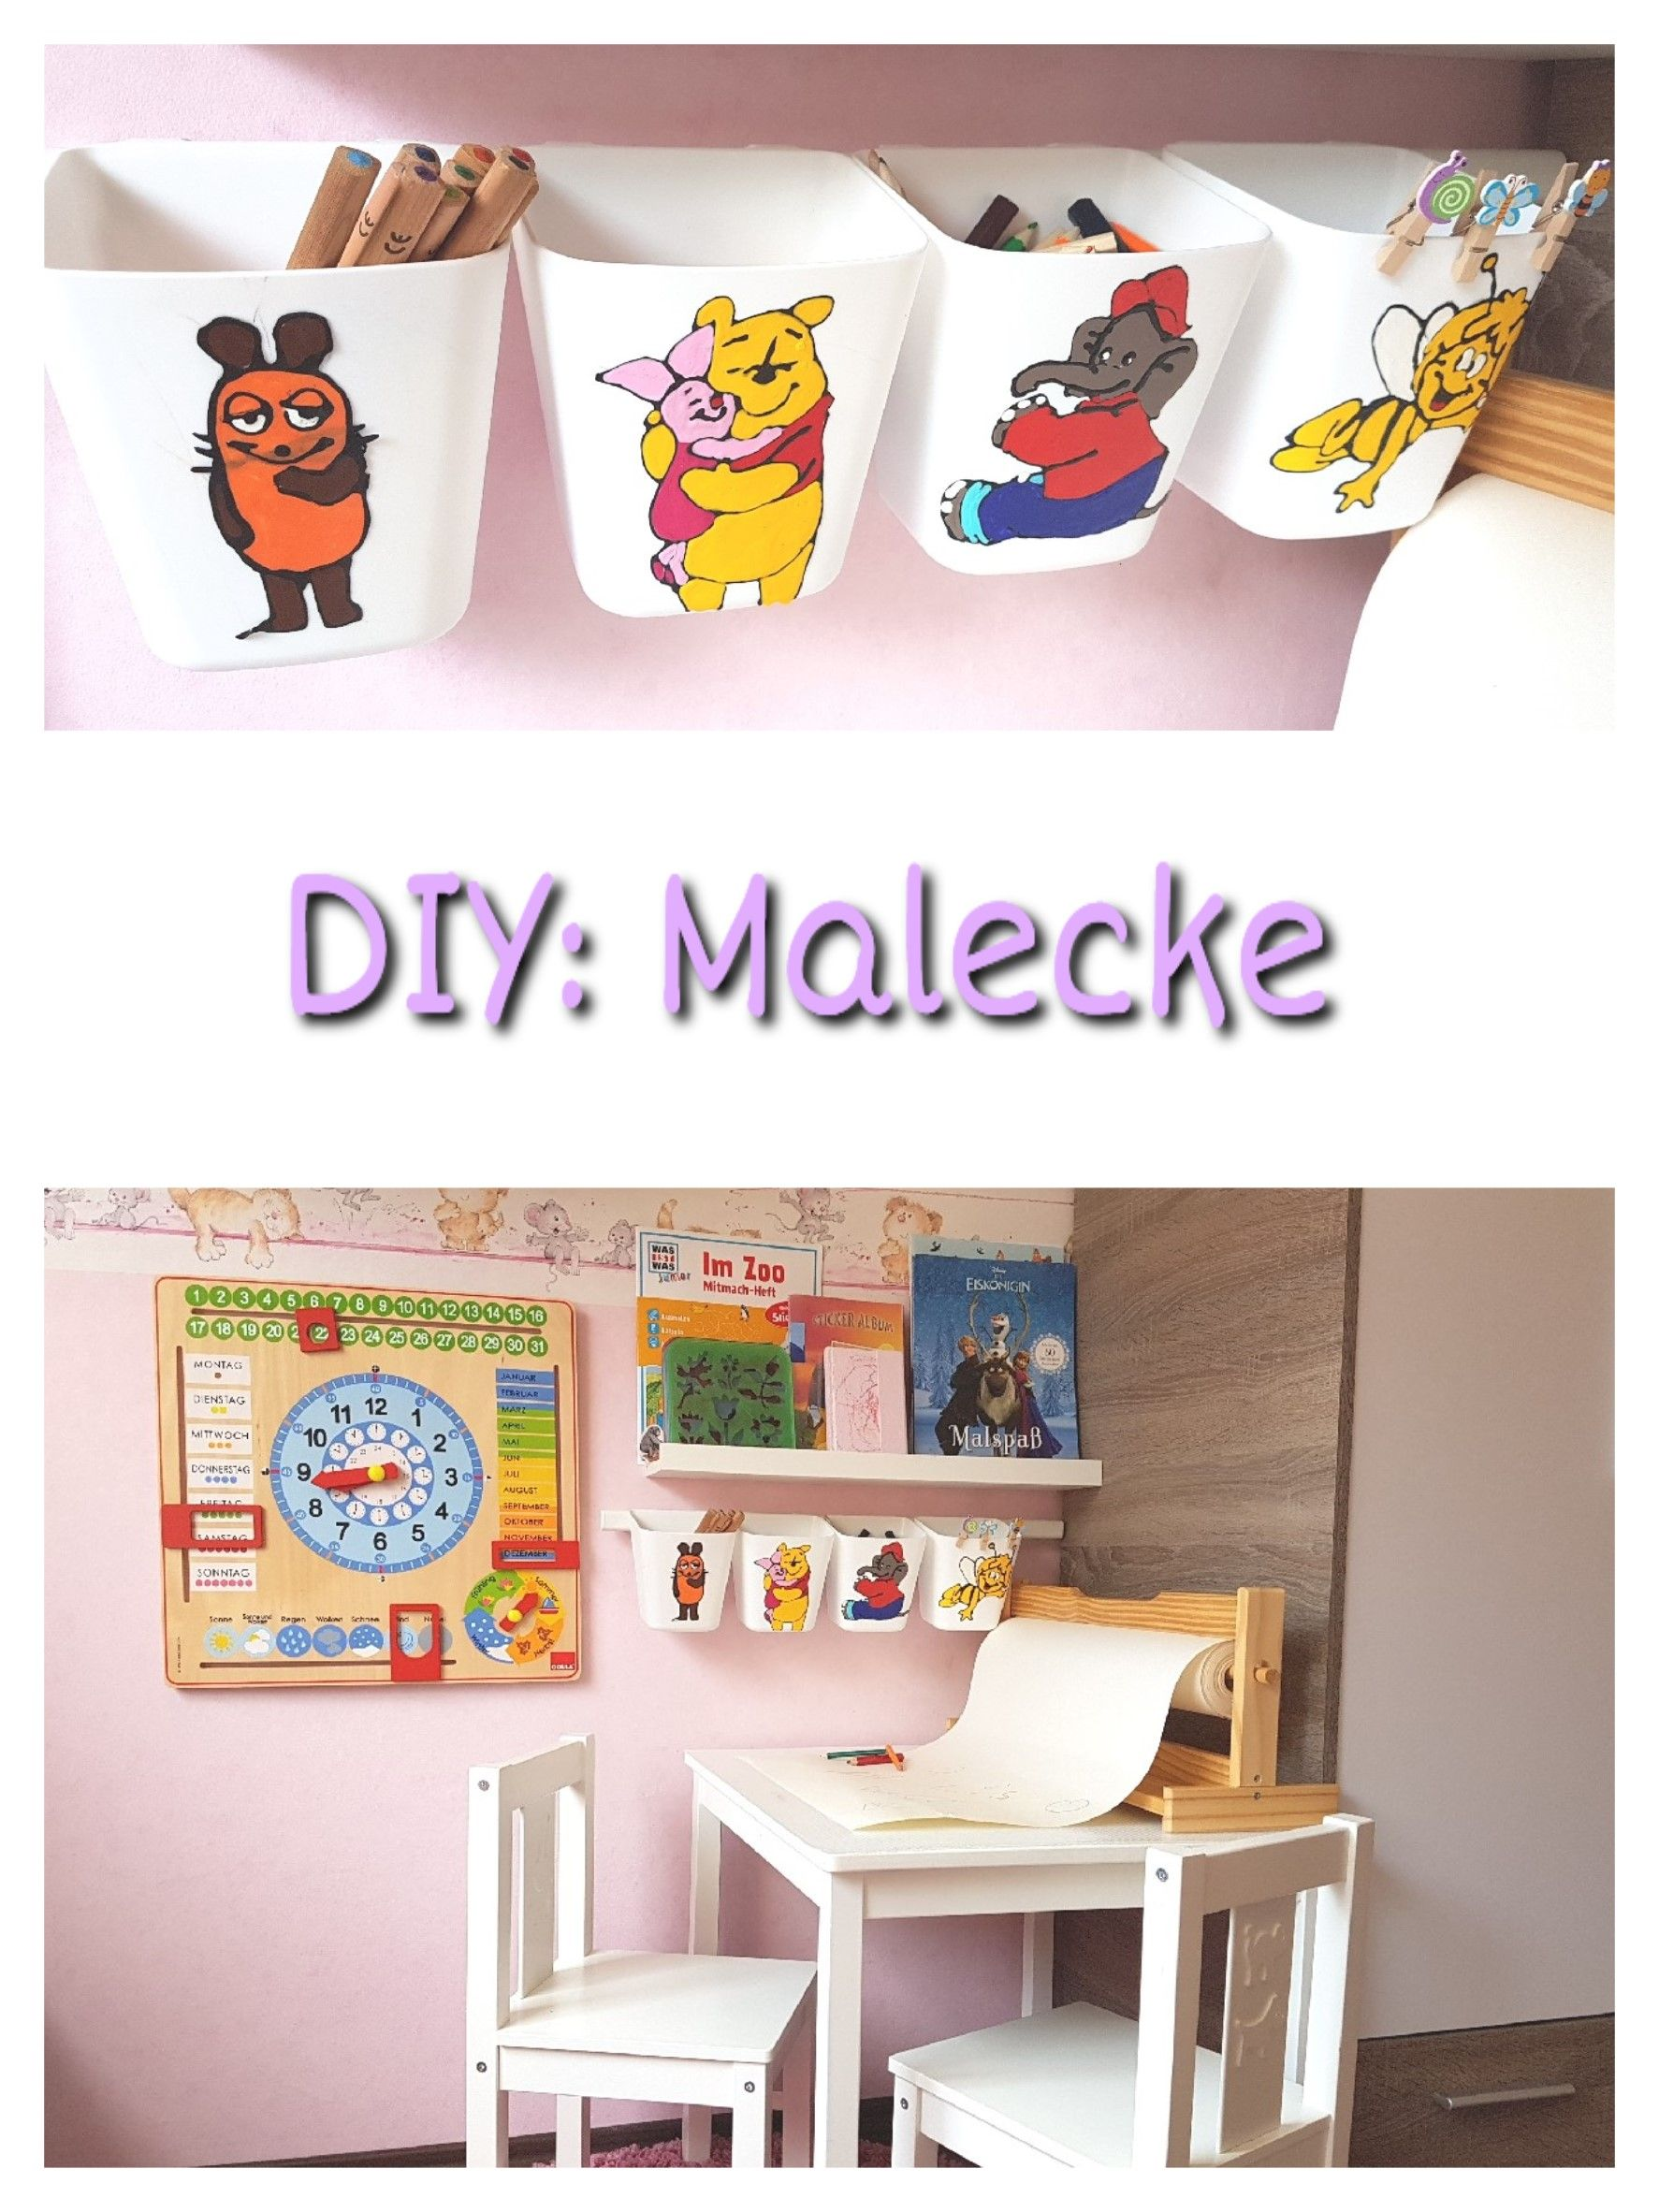 diy selber machen malecke kinderzimmer familie ikea kreativ diy f r kids in 2019. Black Bedroom Furniture Sets. Home Design Ideas